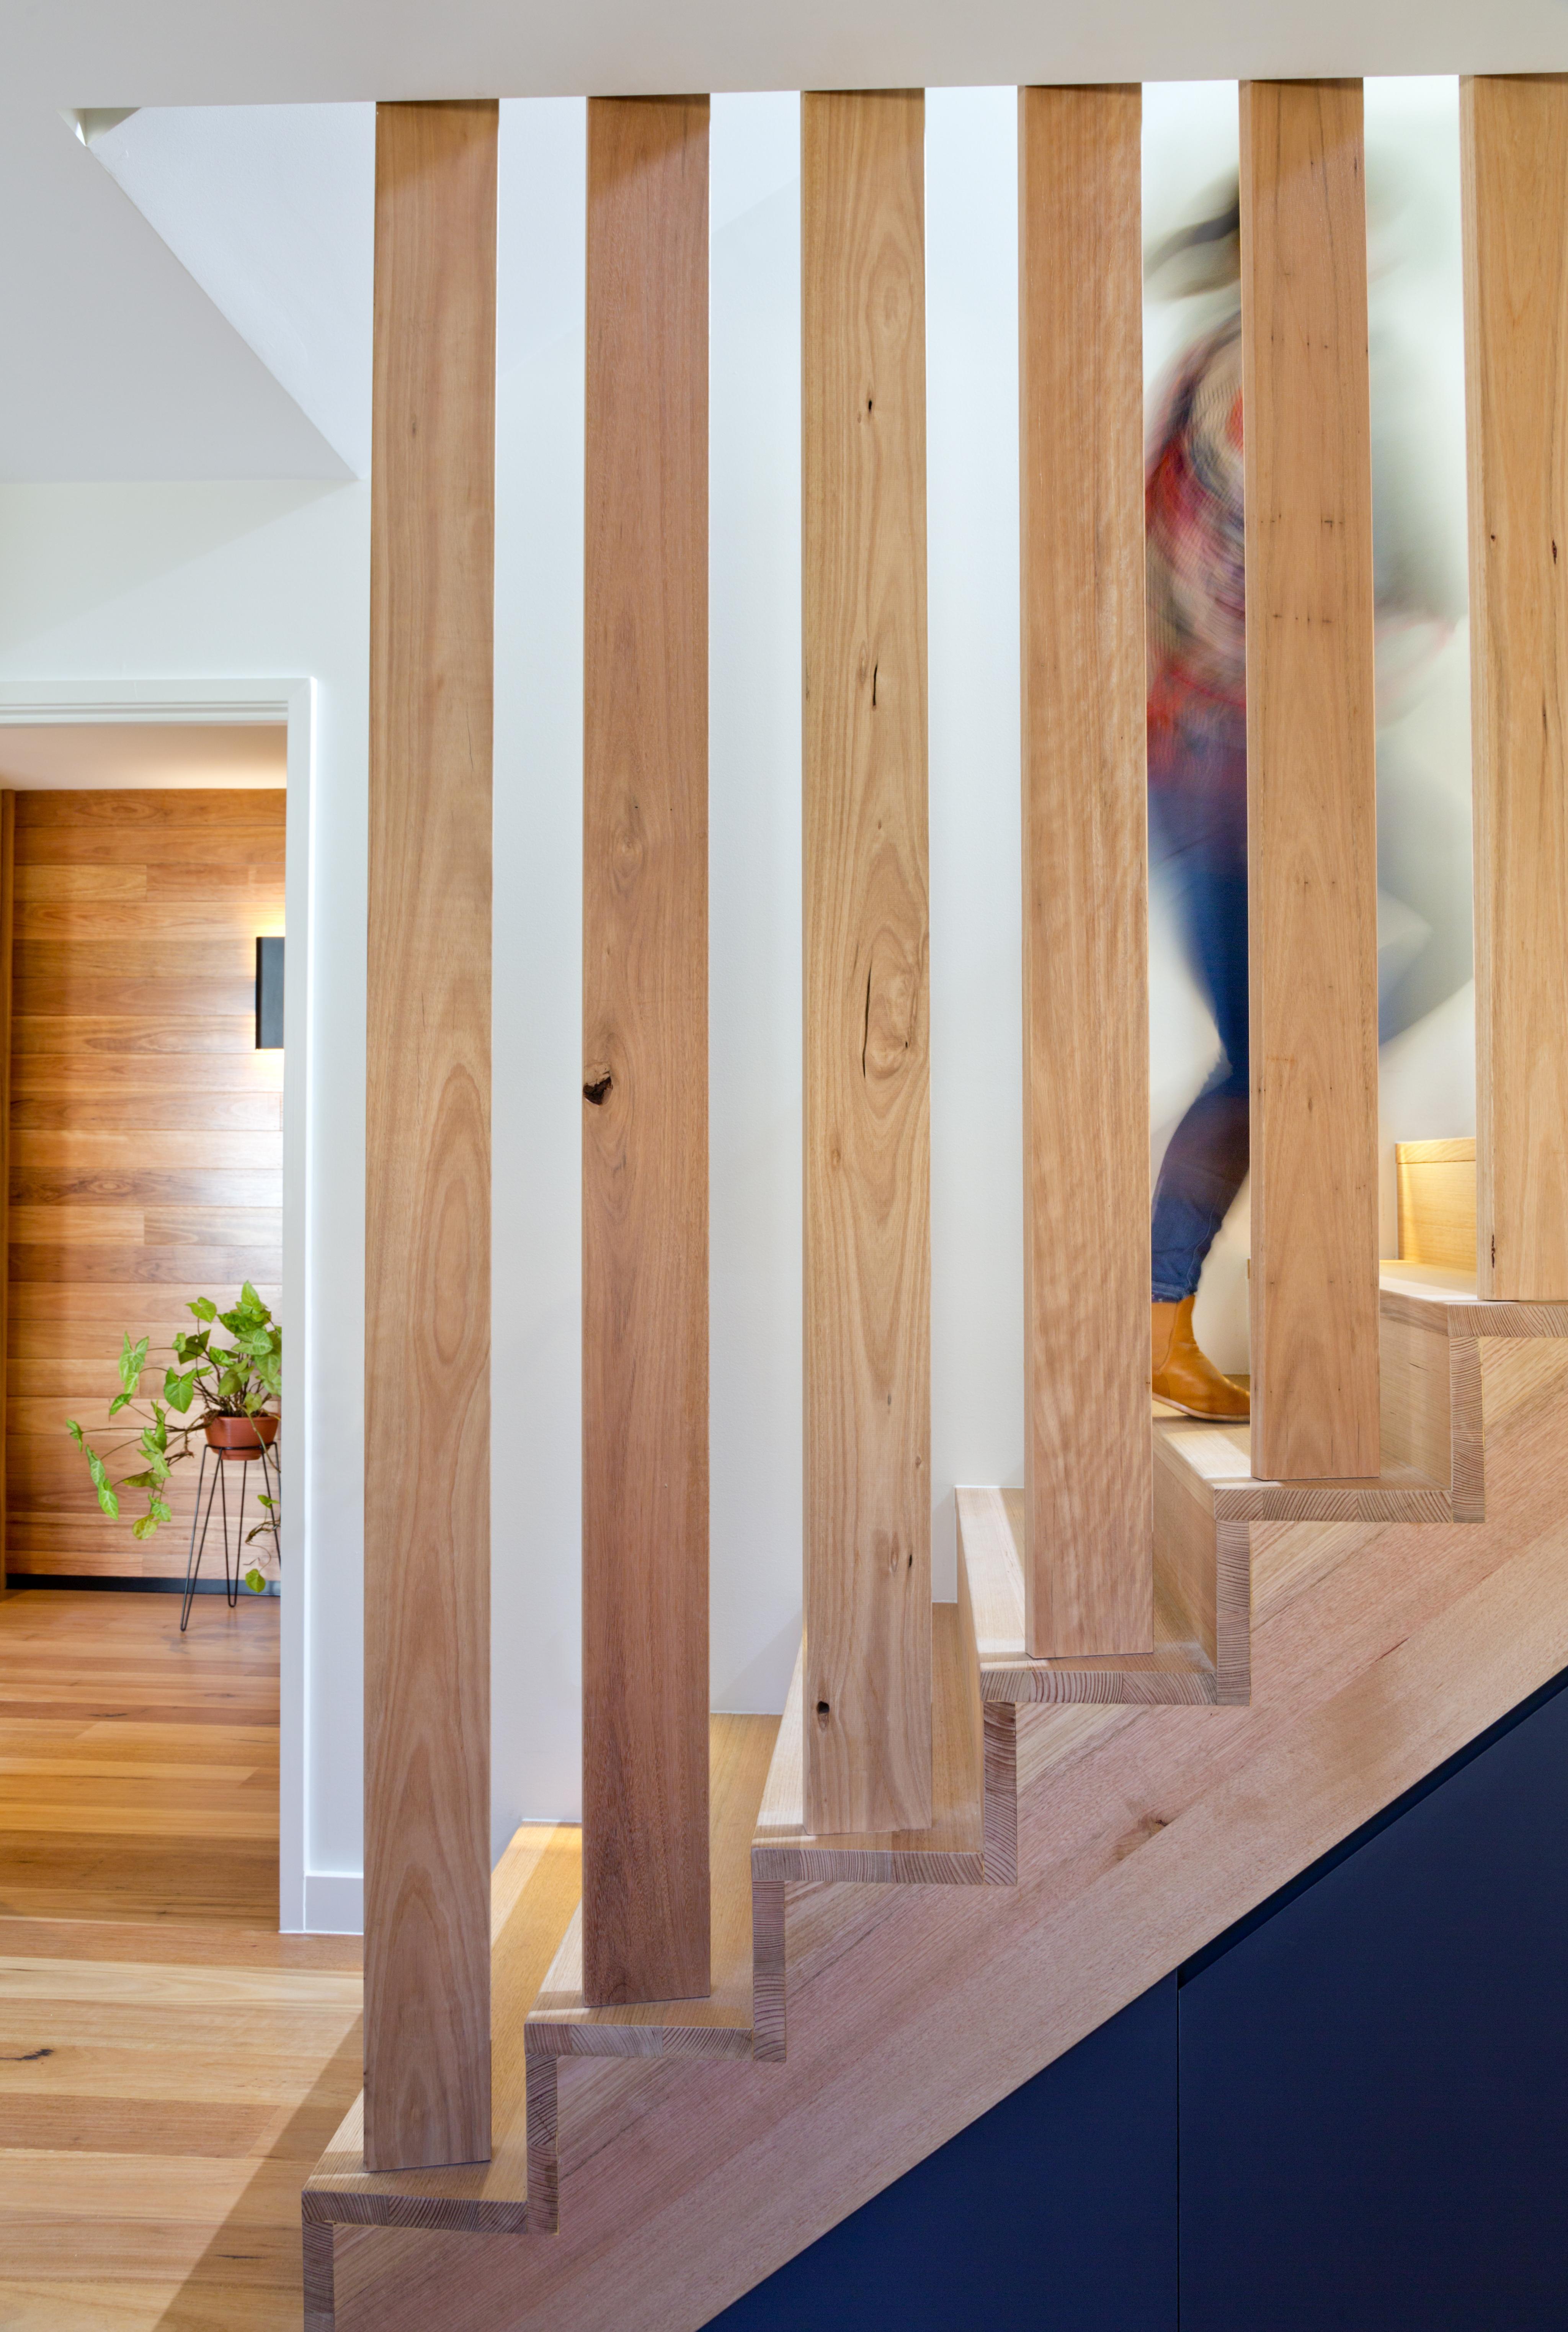 MACASAR Ivanhoe Stairs